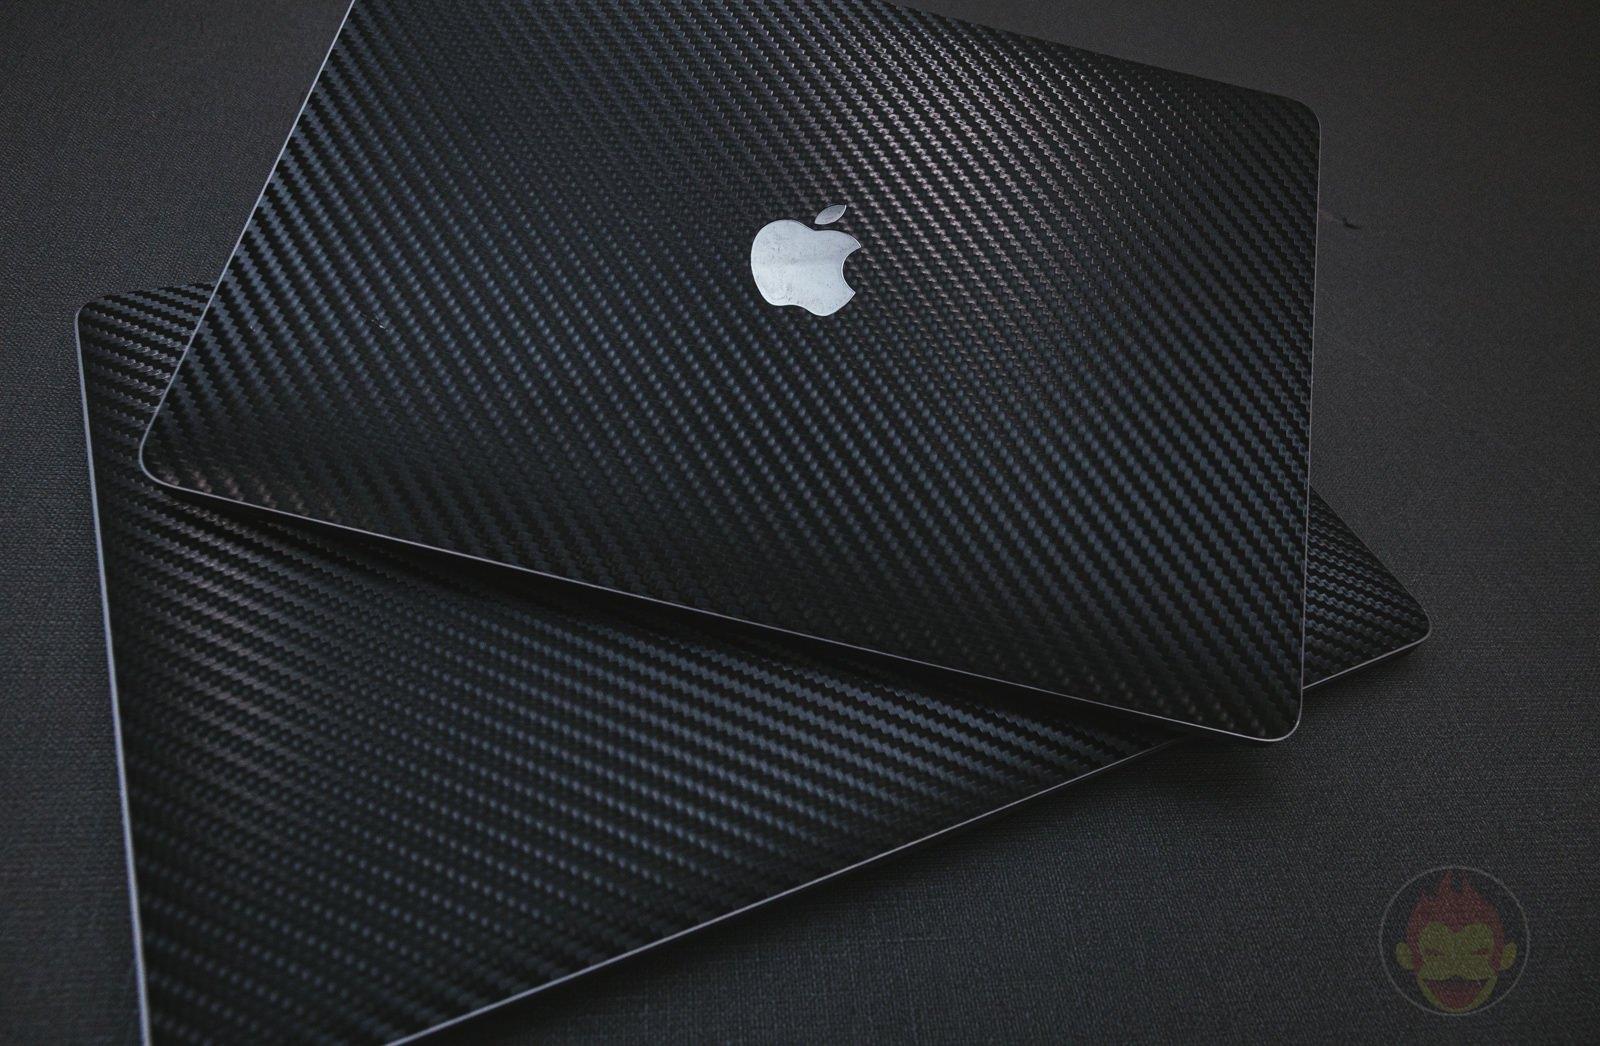 MacBook Pro 13inch or 15inch 2019 comparison 05